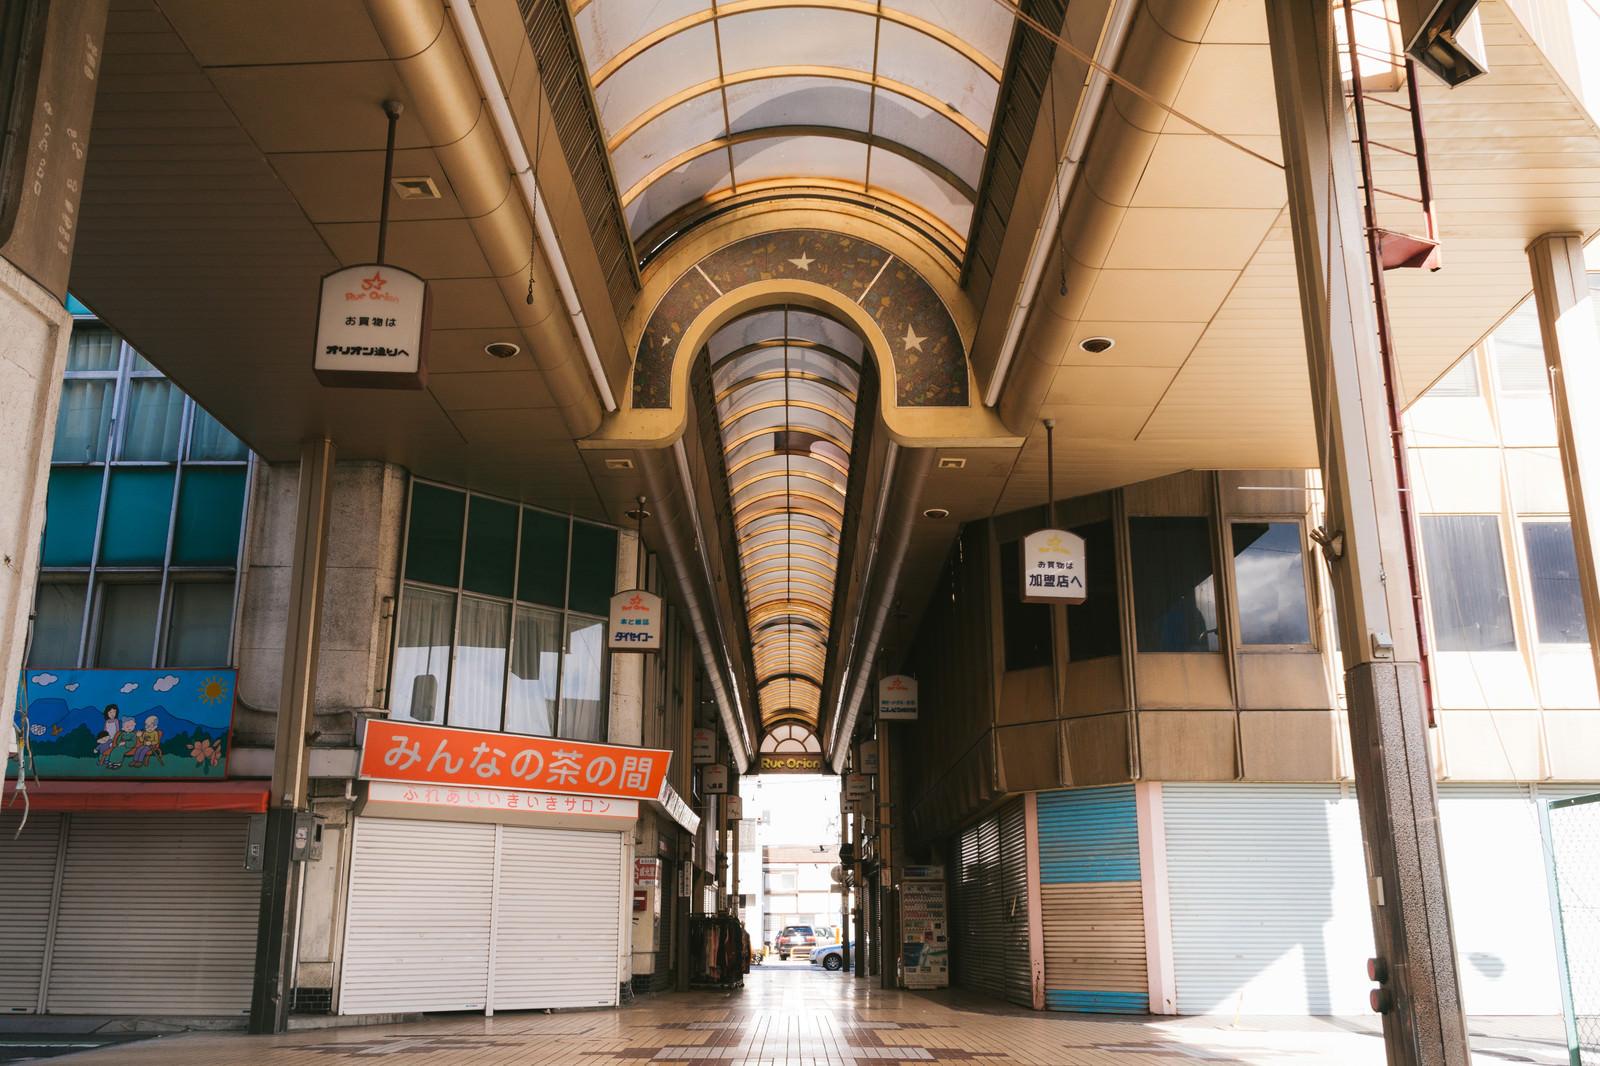 「開店前の前橋中心商店街開店前の前橋中心商店街」のフリー写真素材を拡大